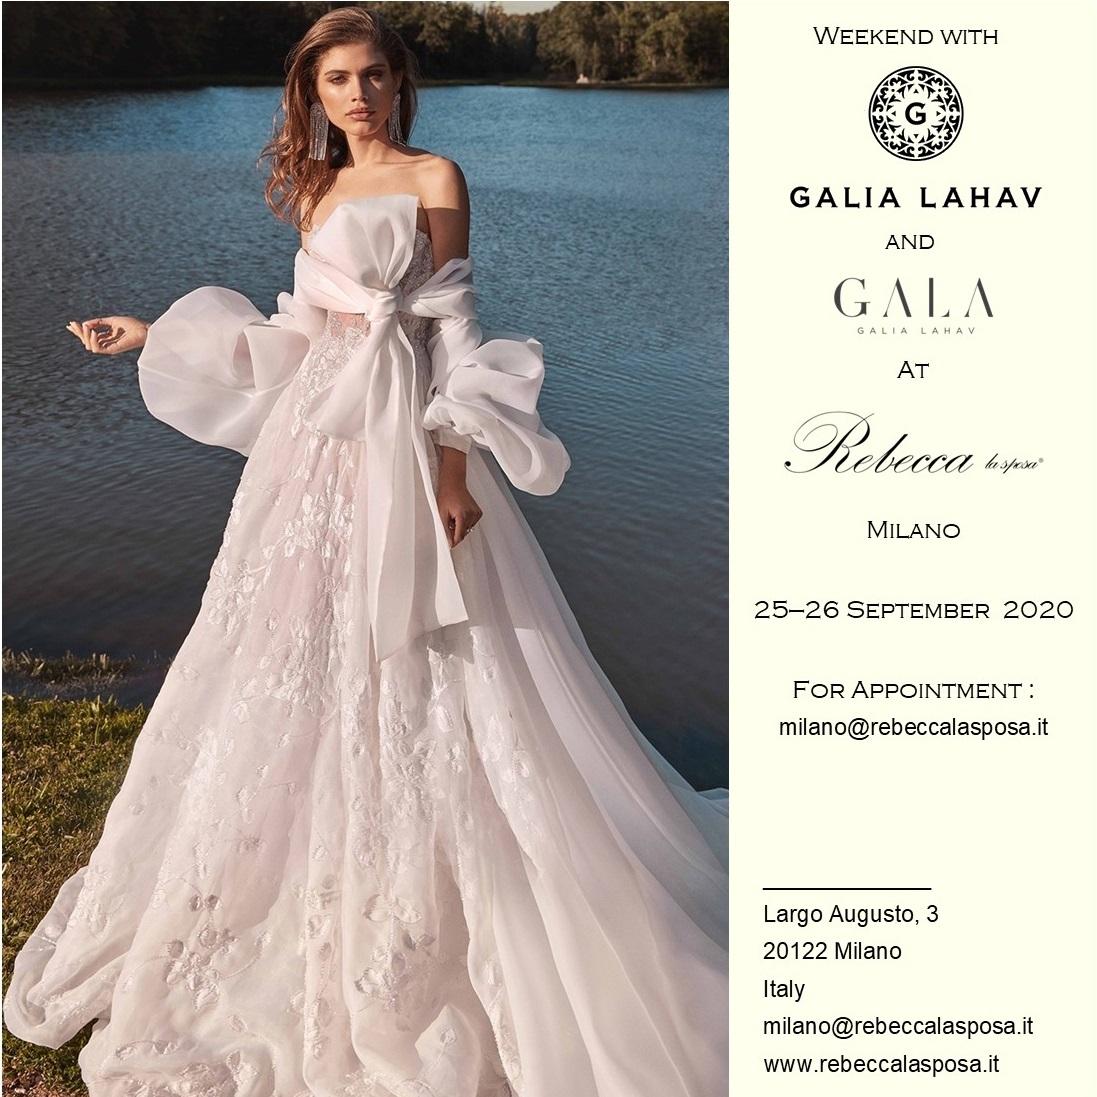 Rebecca la sposa - Galia Lahav Couture+Gala Settembre 2020